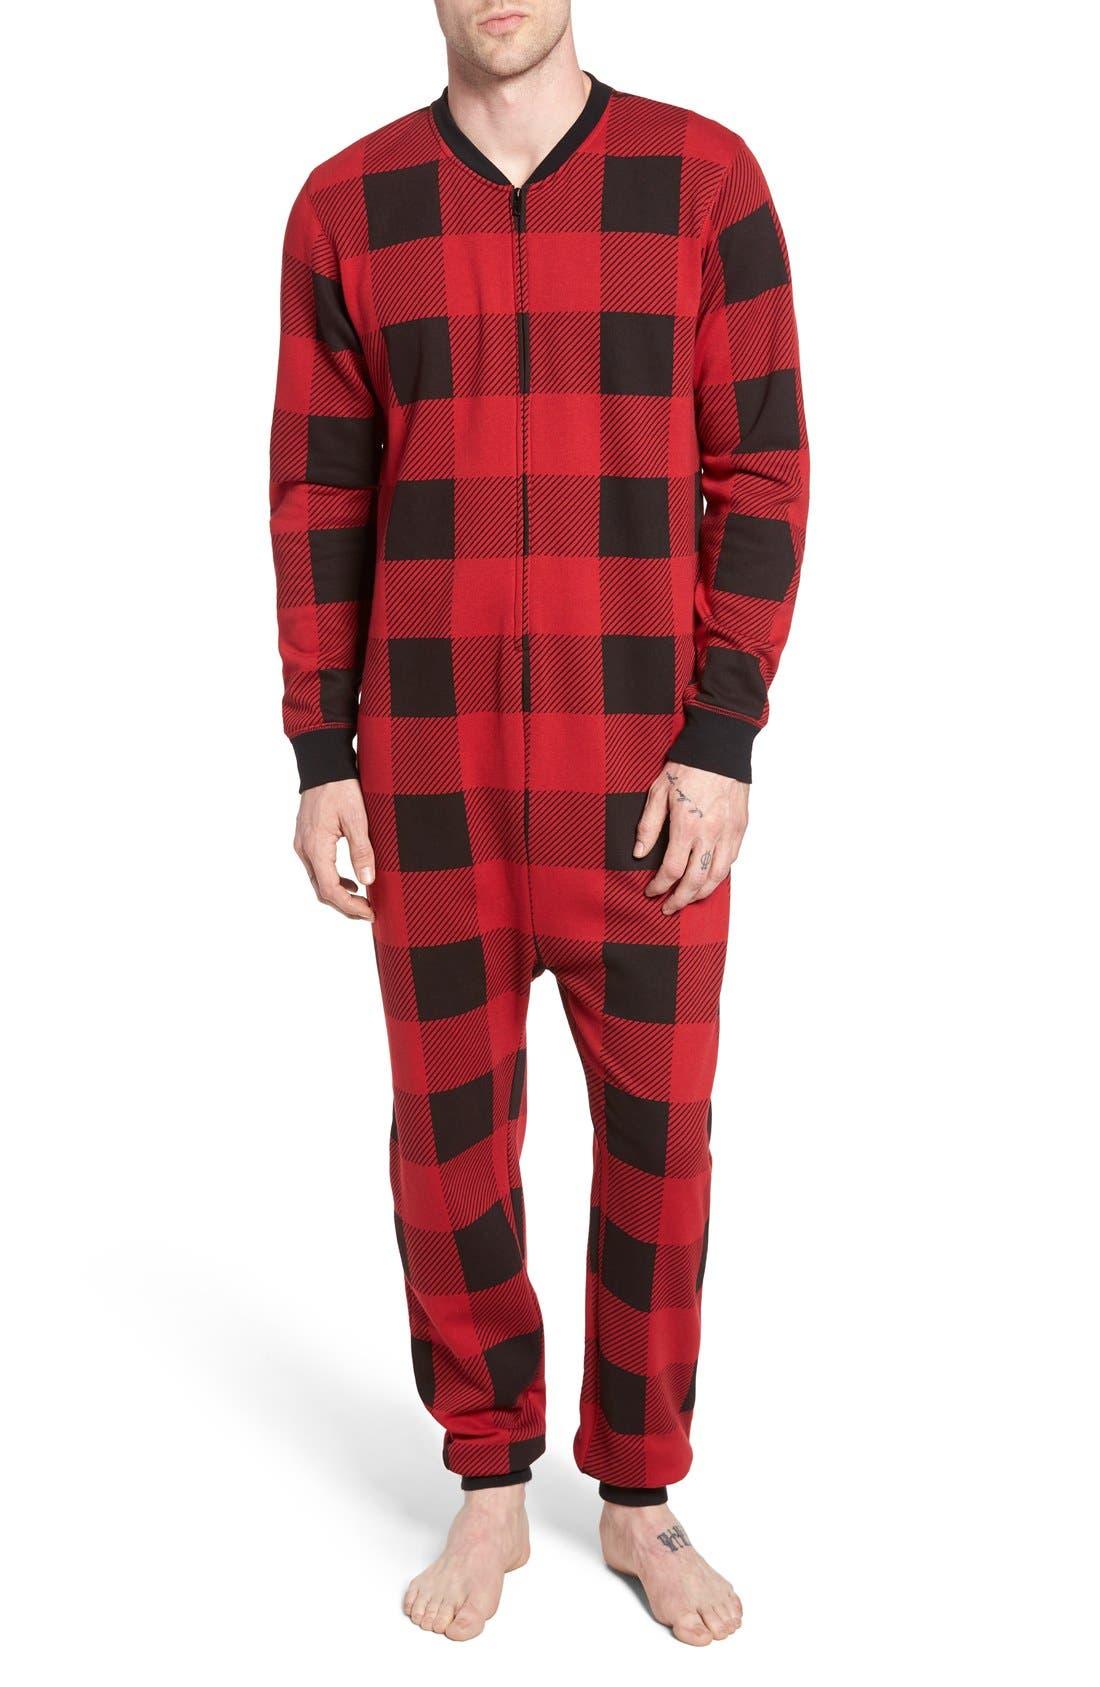 Alternate Image 1 Selected - The Rail Fleece One-Piece Pajamas